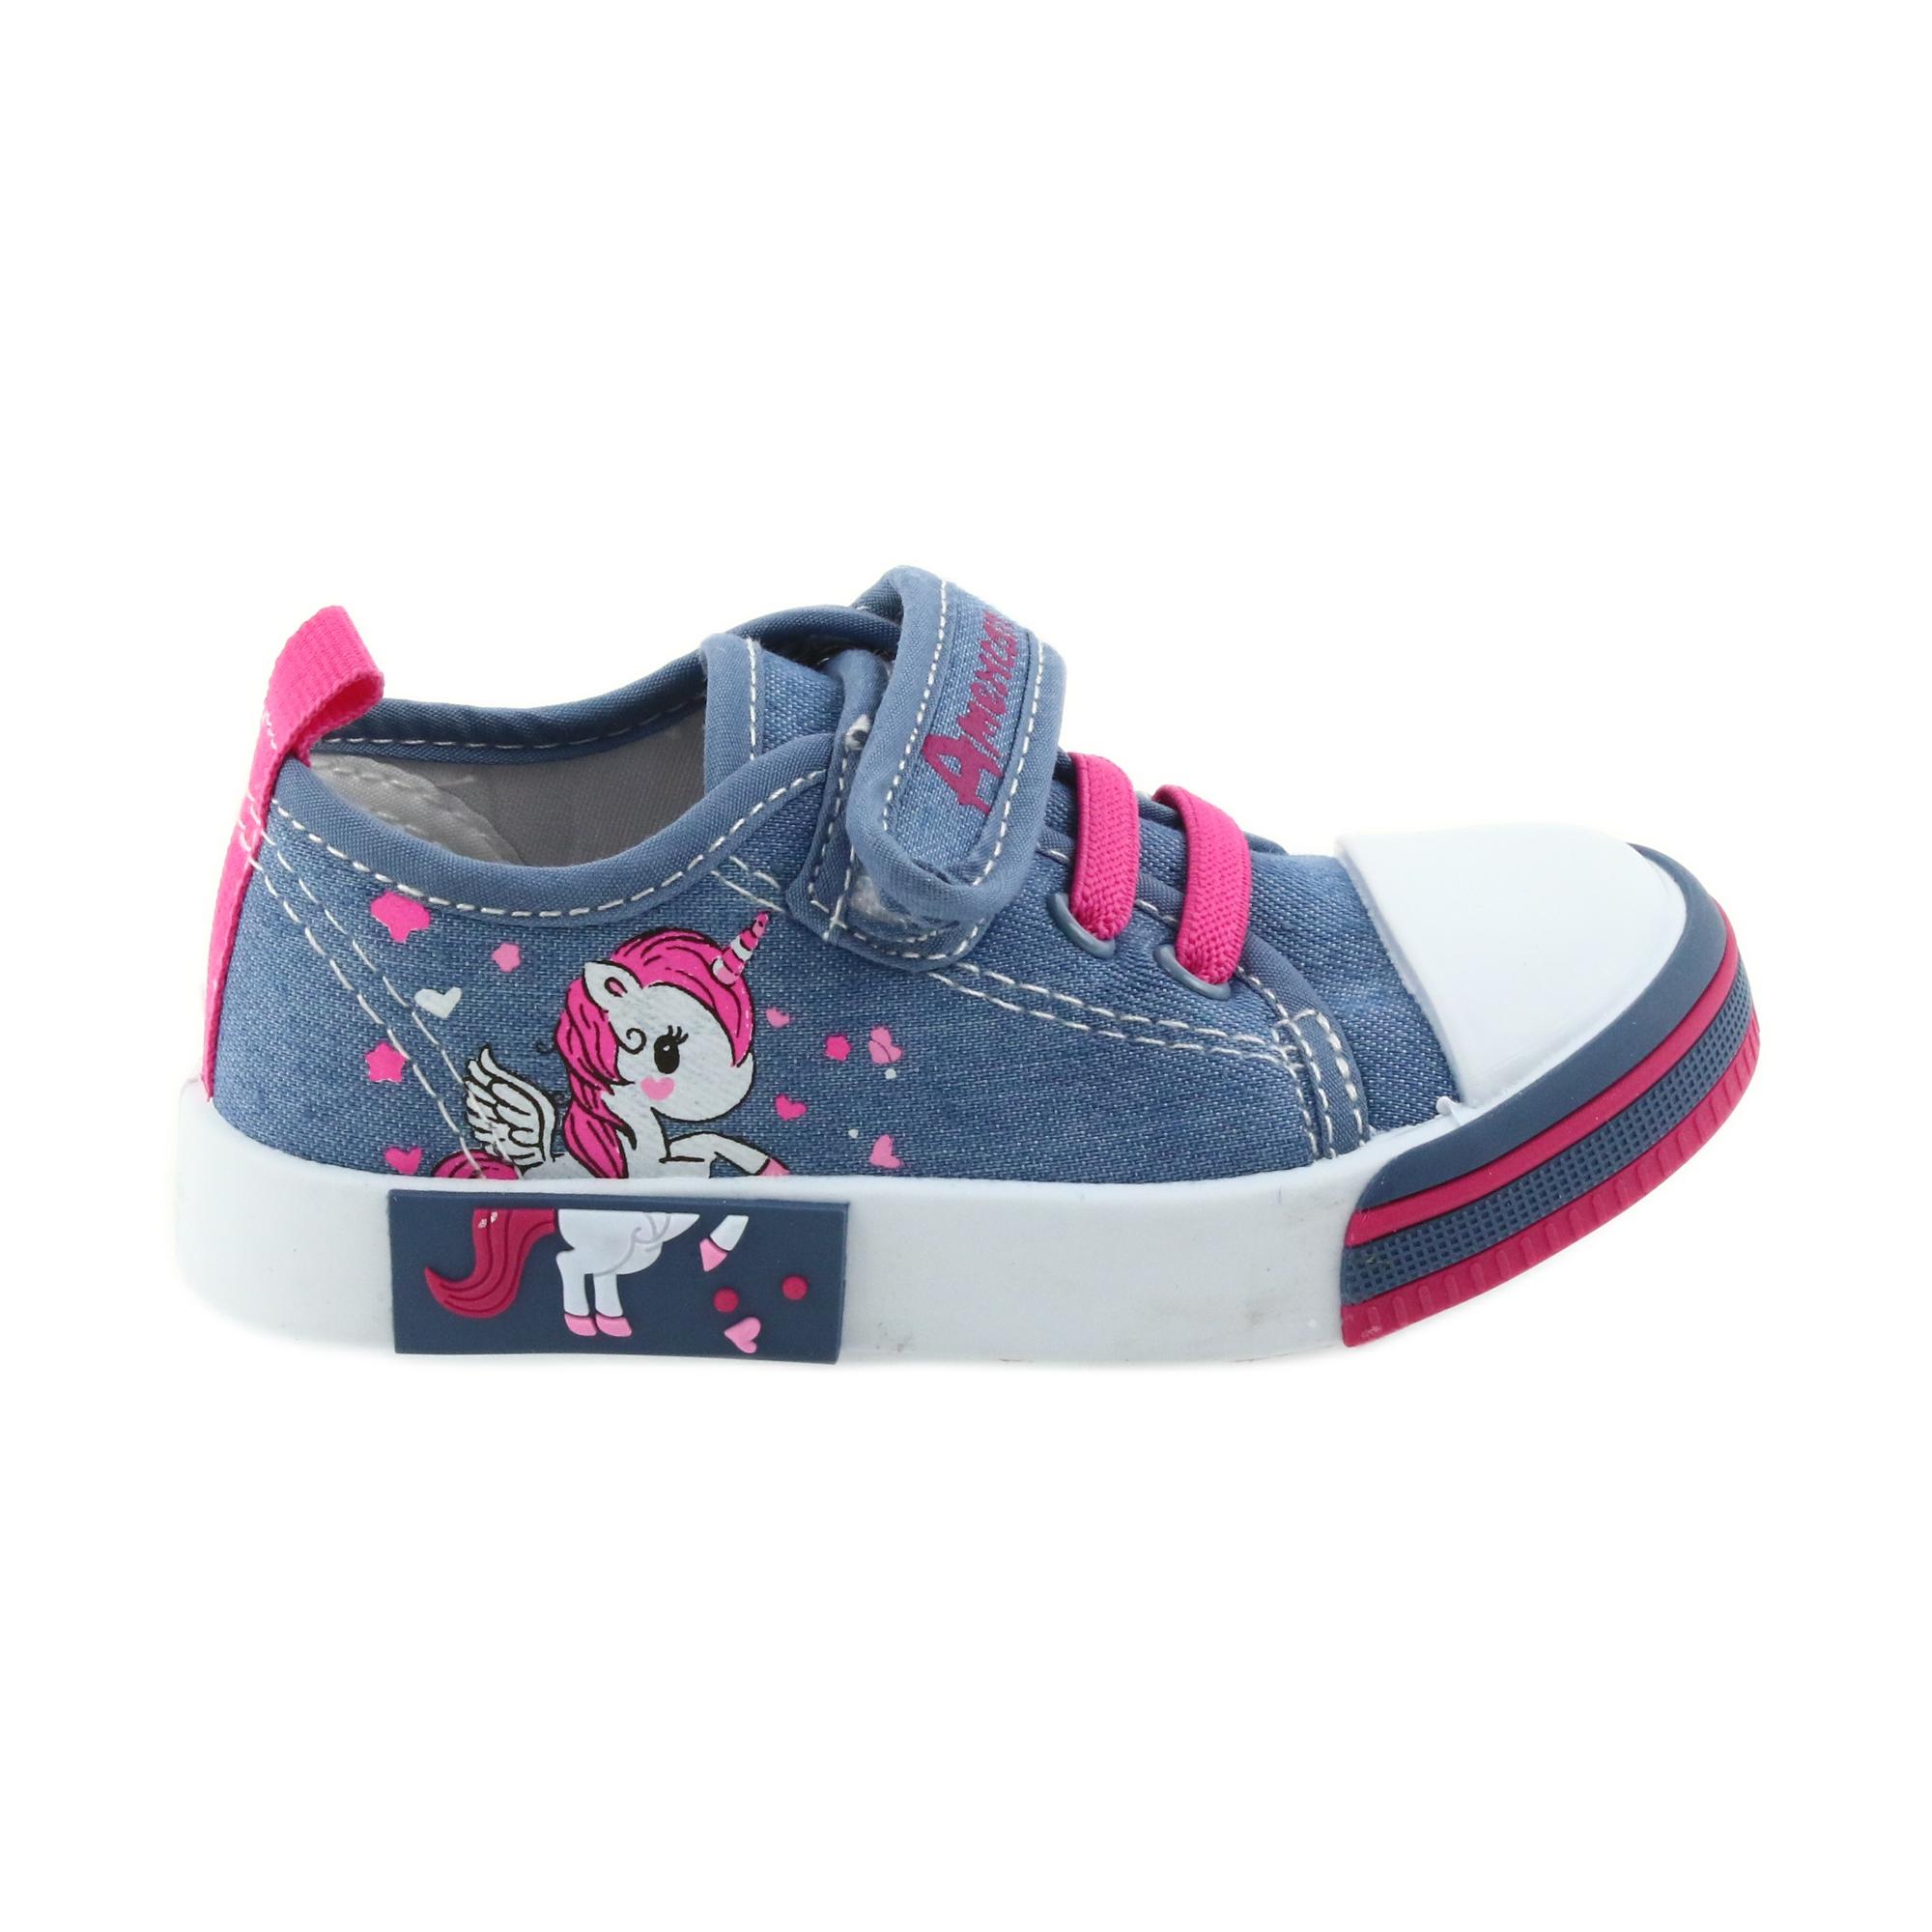 buy popular 90a07 d6560 American Club Scarpe da ginnastica americane per bambini con pelle  intarsiata in velcro